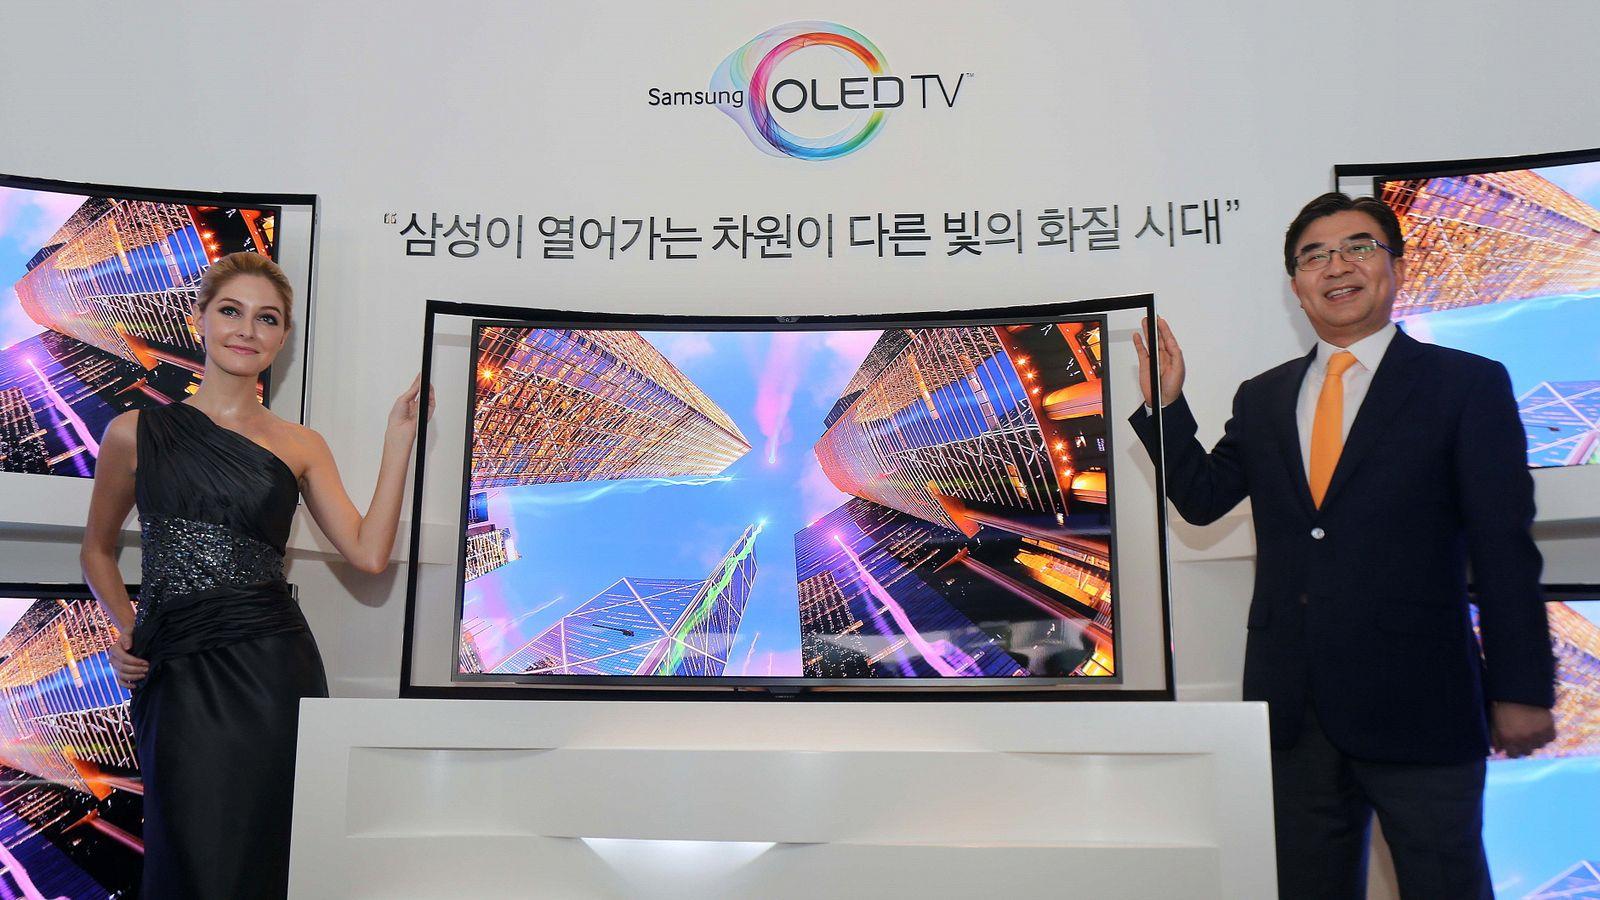 Samsung spytter inn milliarder i ny OLED-fabrikk